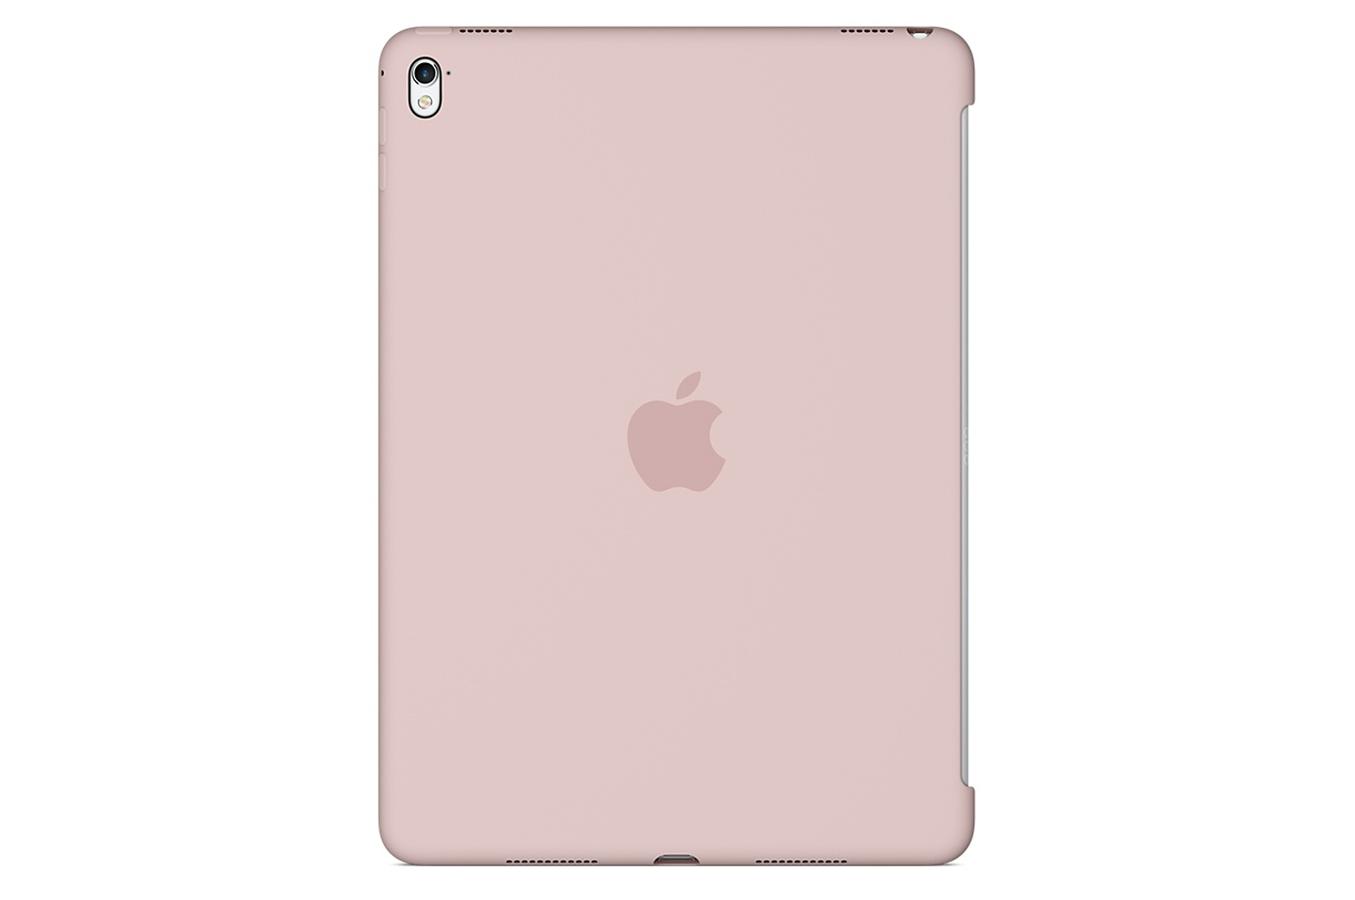 housse et tui pour tablette apple coque en silicone rose. Black Bedroom Furniture Sets. Home Design Ideas